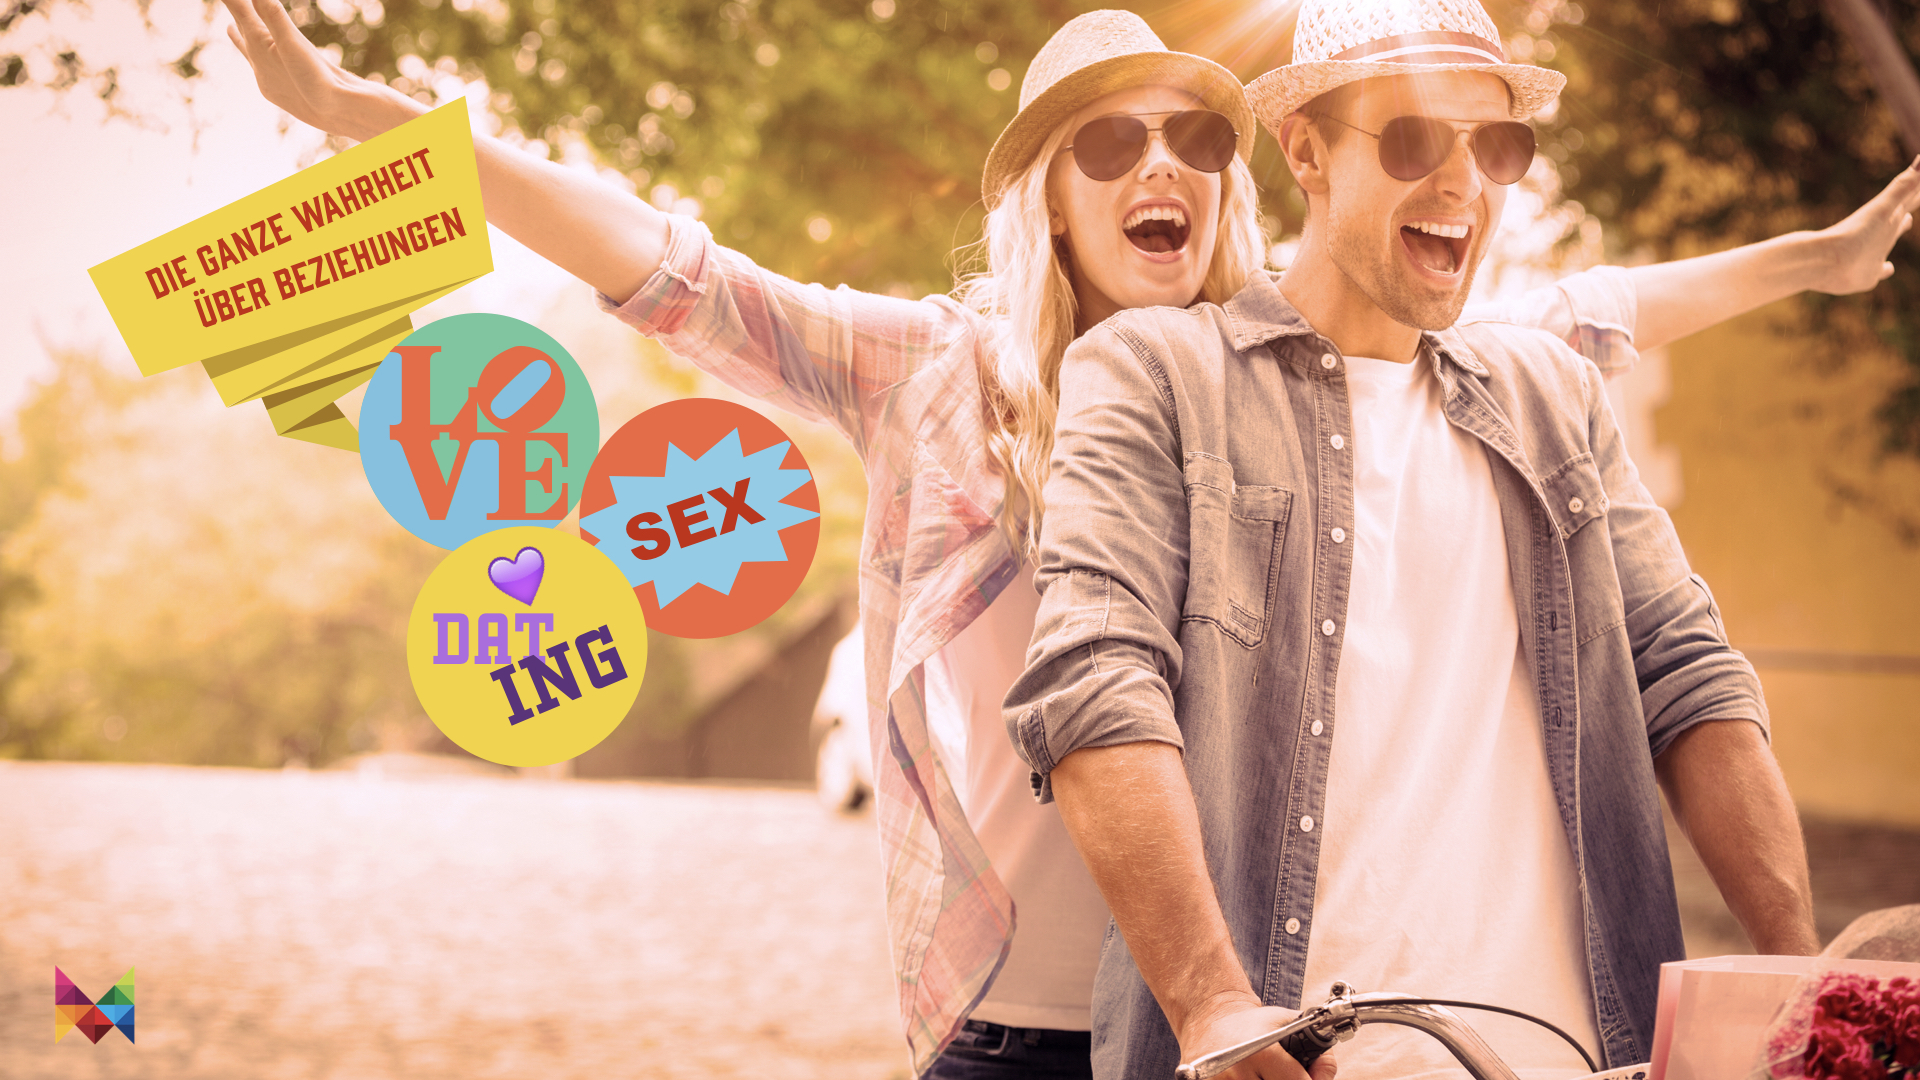 Love, Sex, Dating – die ganze Wahrheit über Beziehungen. 02 Wie fahre ich eine Beziehung vor die Wand?